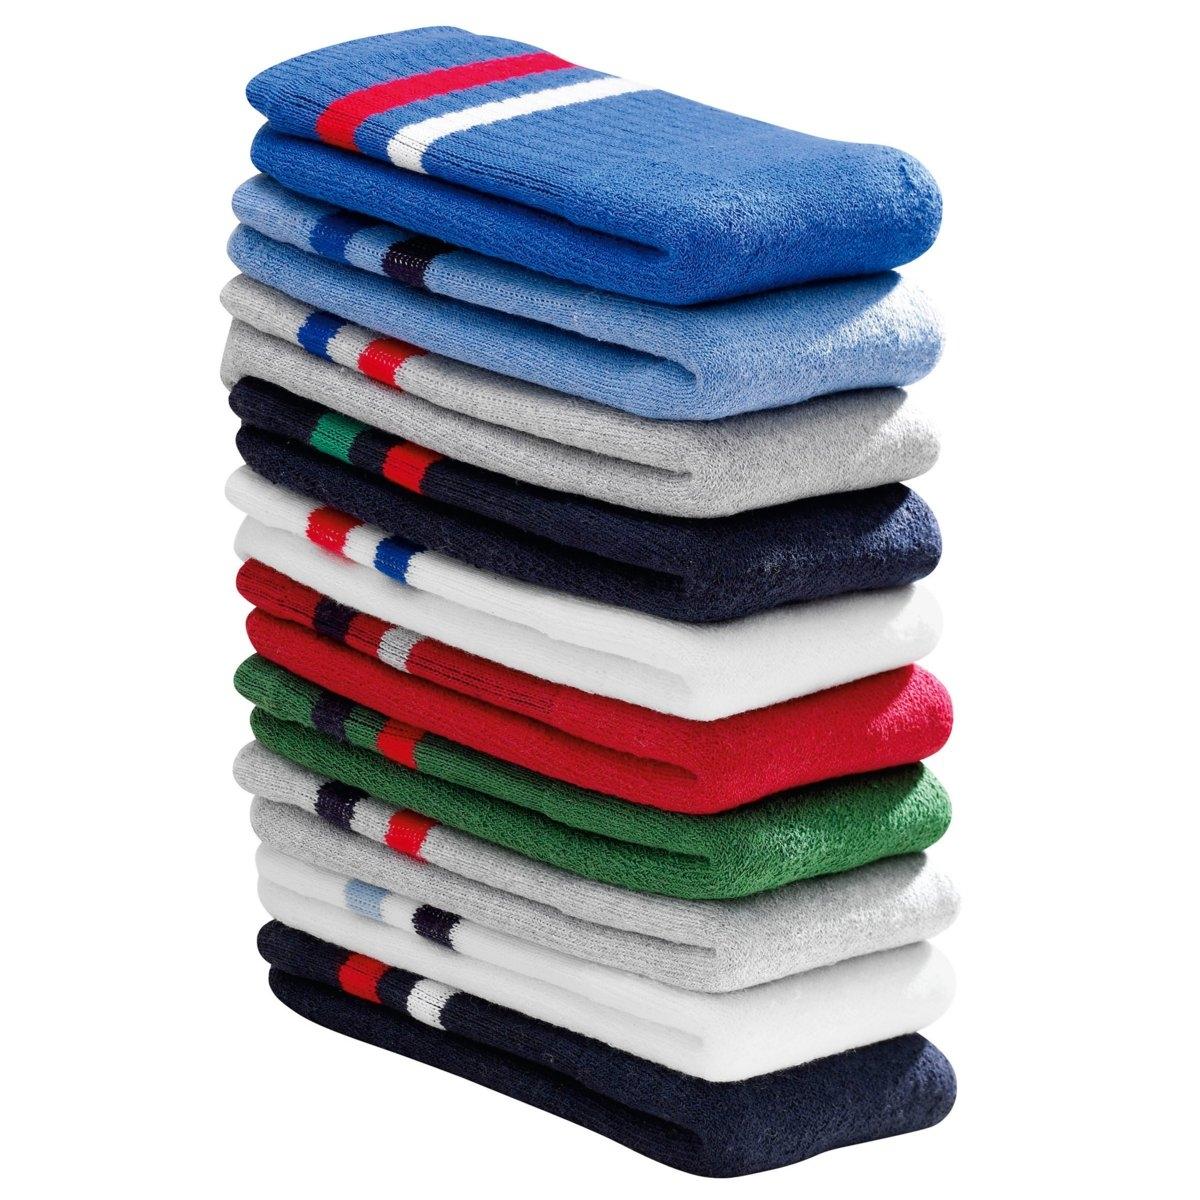 Комплект из 10 пар носков LaRedoute La Redoute 39/42 синий комплект из 6 пар носков la redoute la redoute 39 45 черный